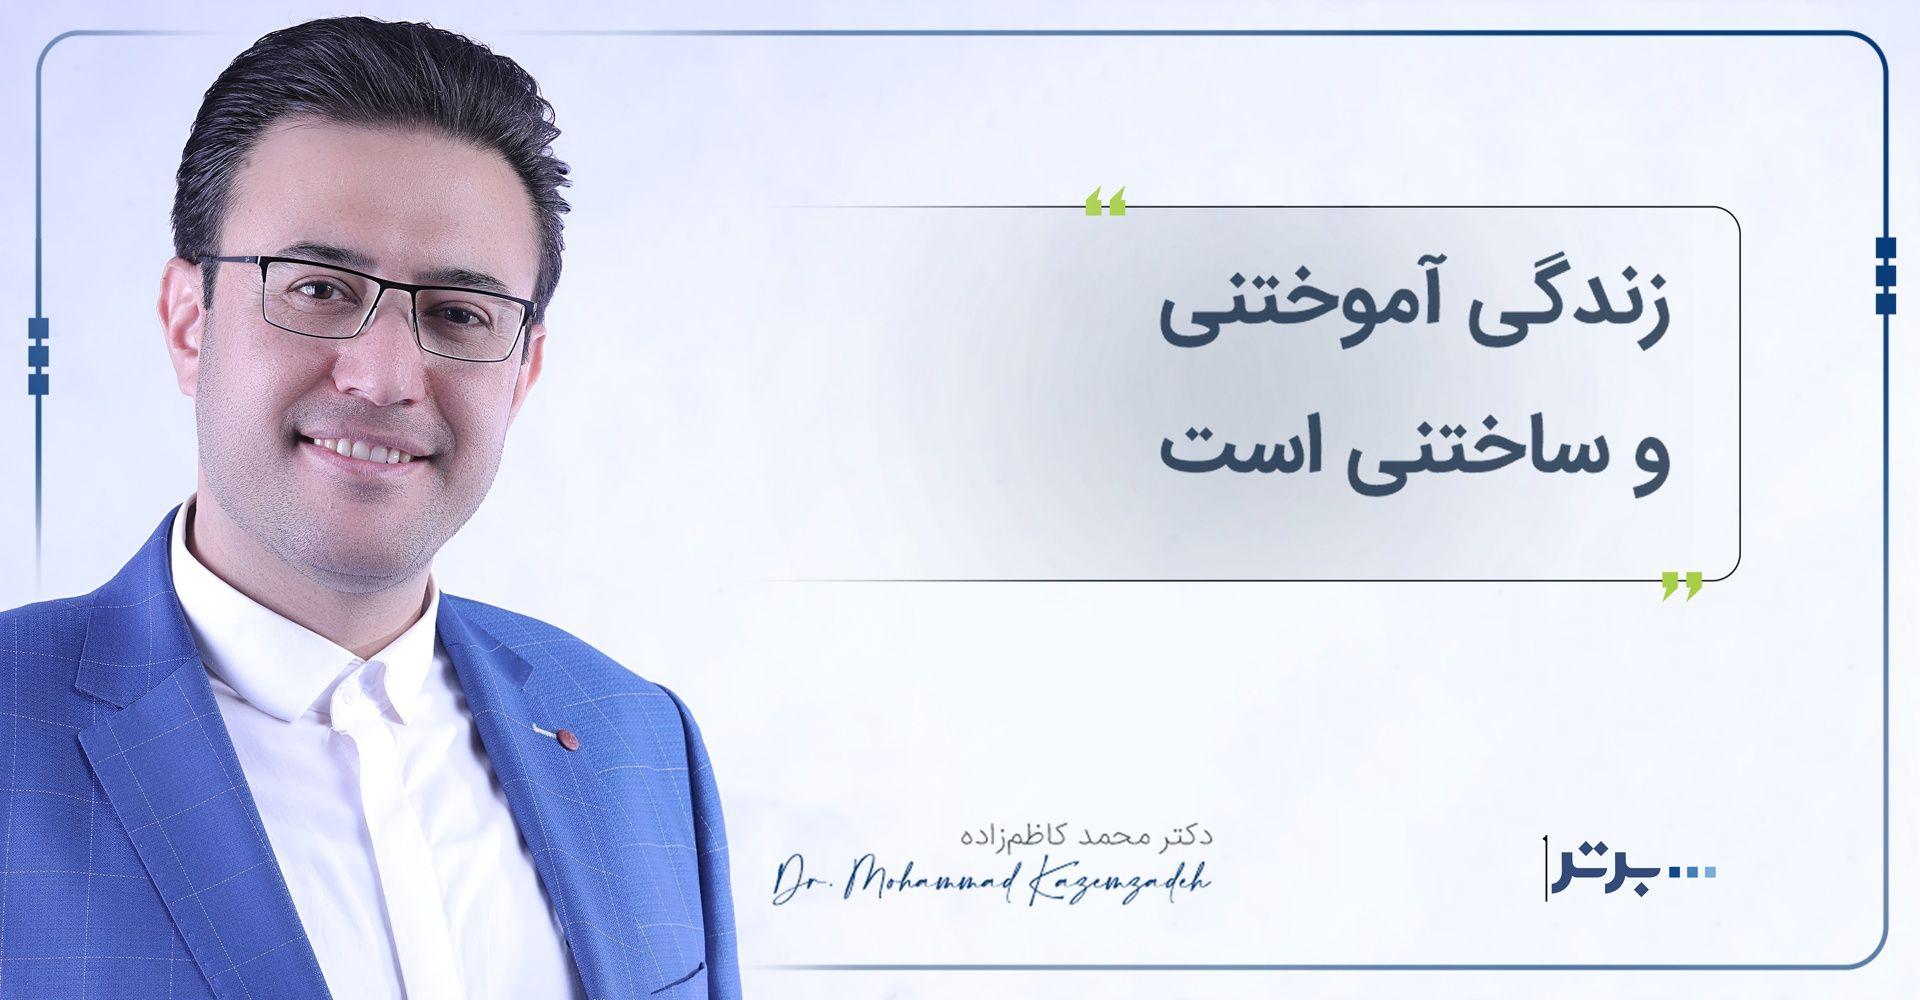 دکتر محمد کاظم زاده